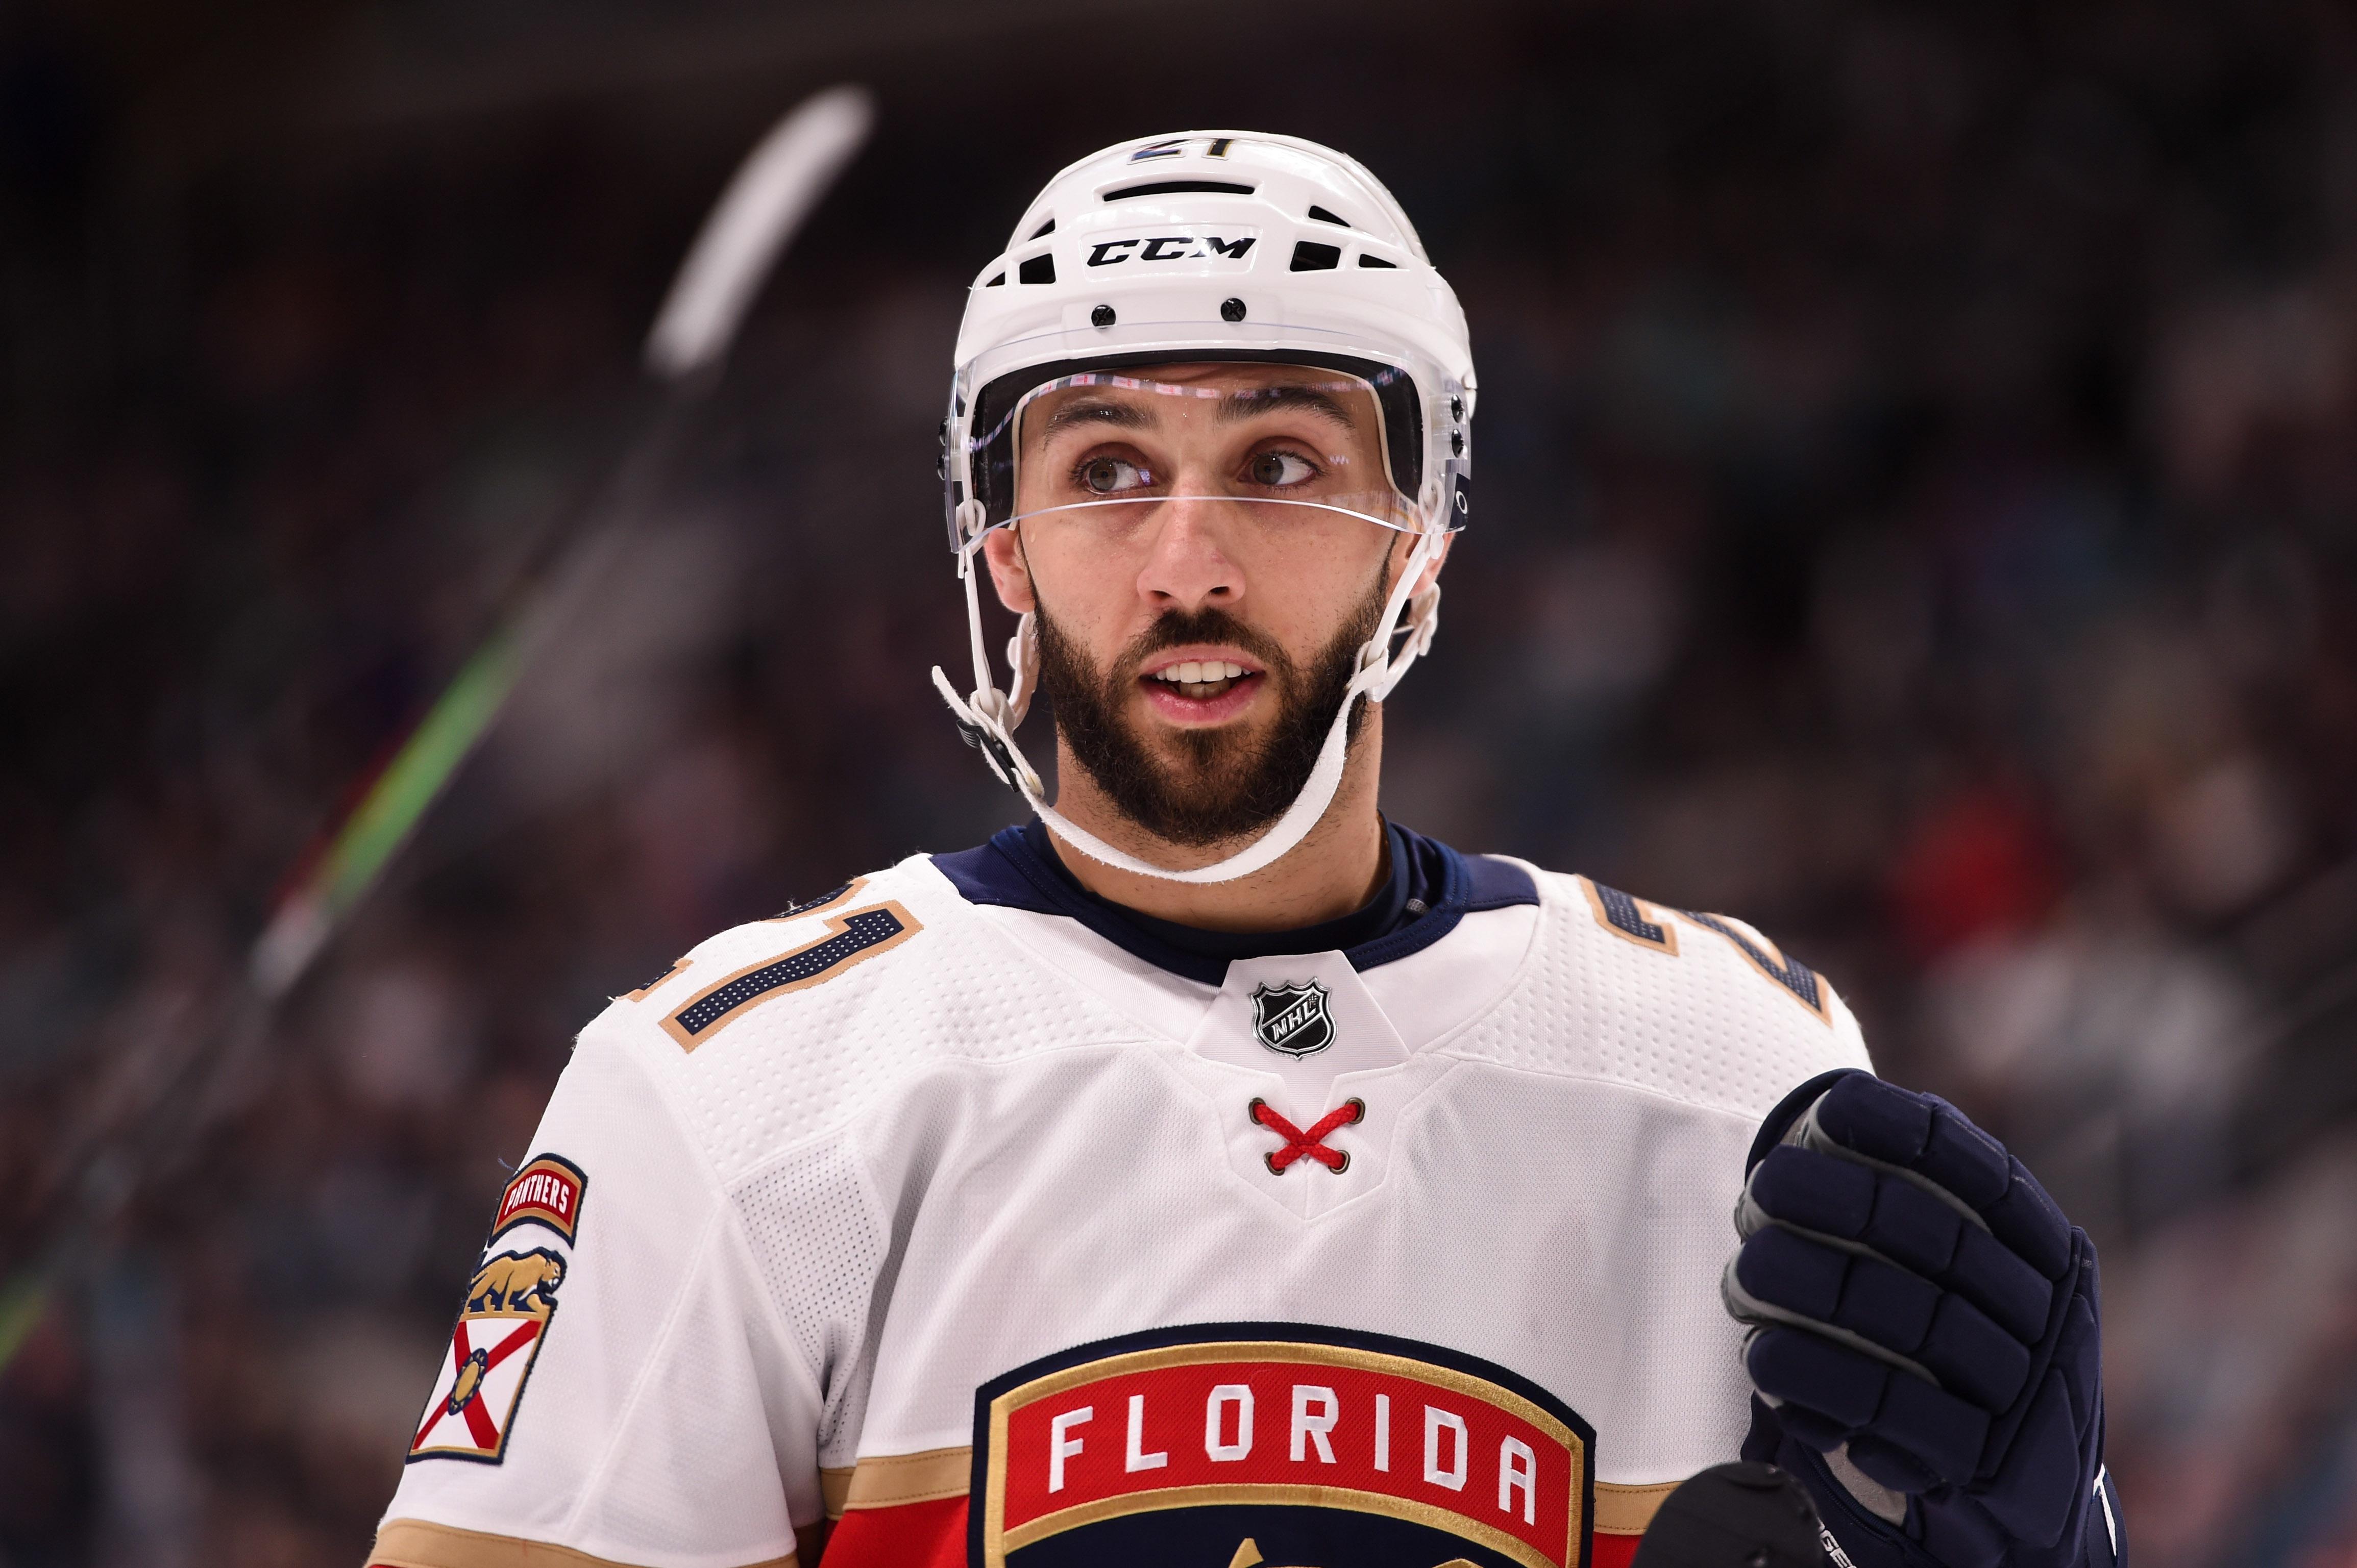 NHL: Florida Panthers at San Jose Sharks